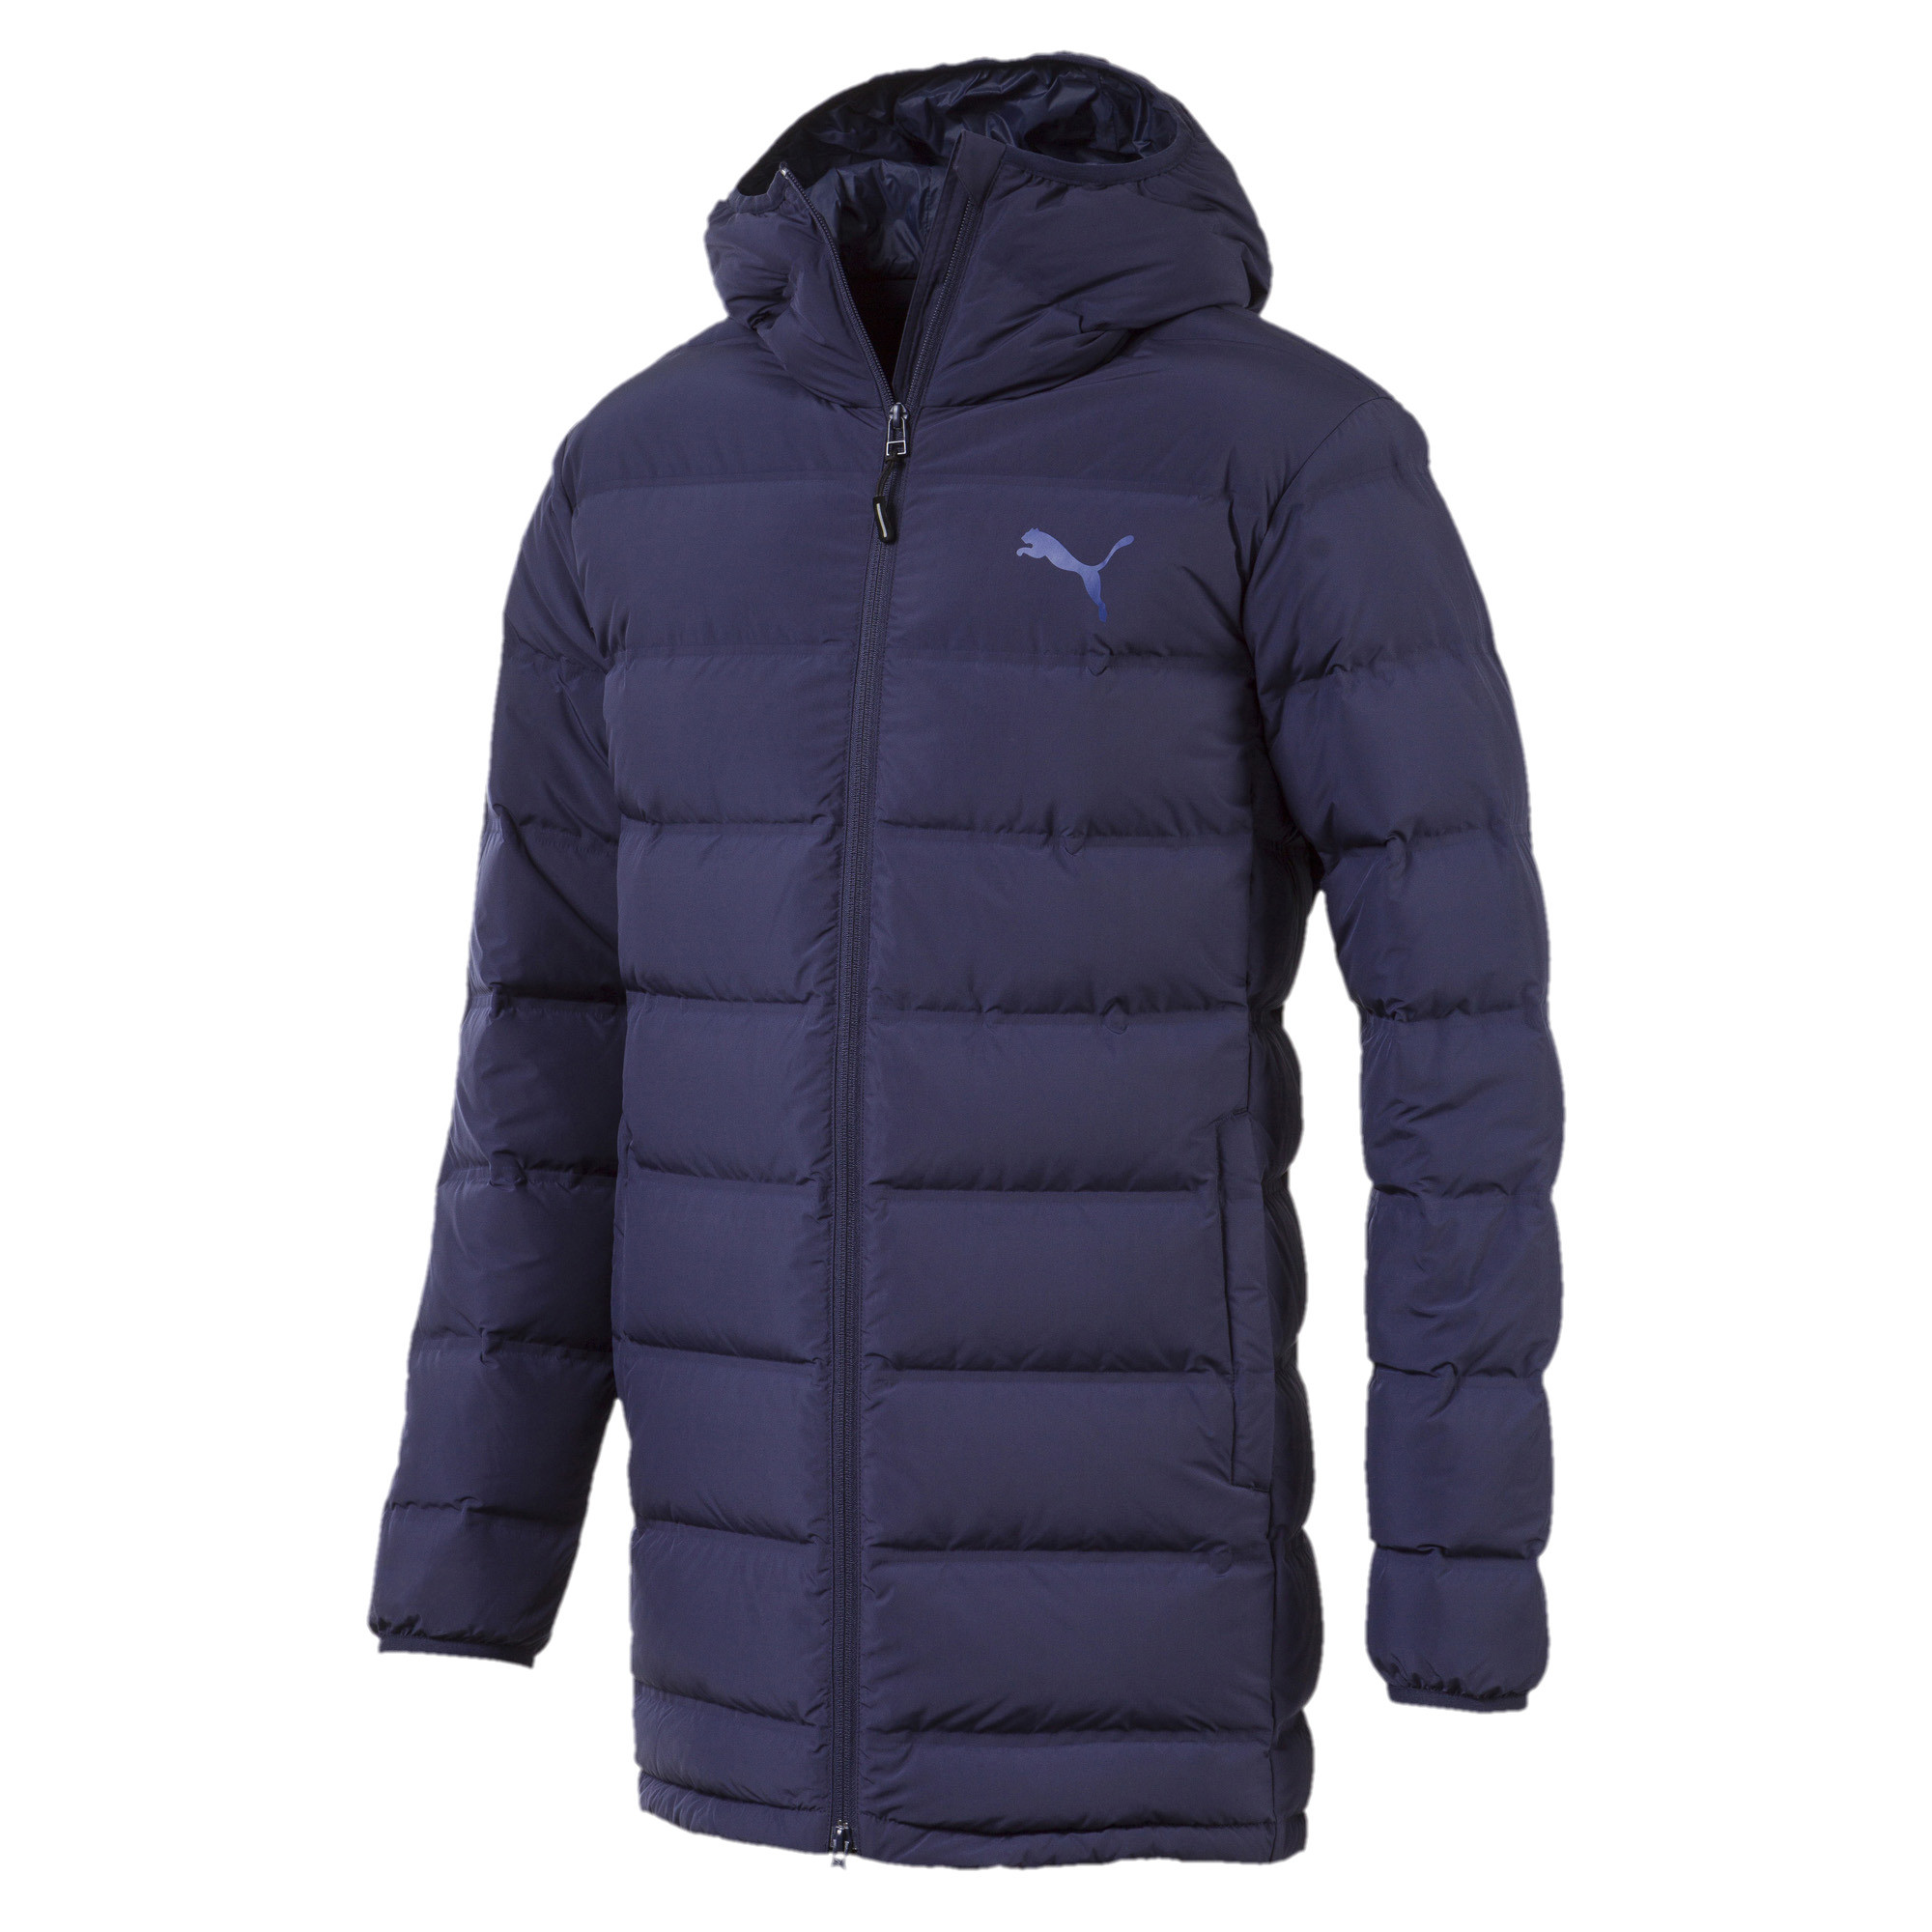 Куртка DOWNGUARD 600 DOWN JACKET